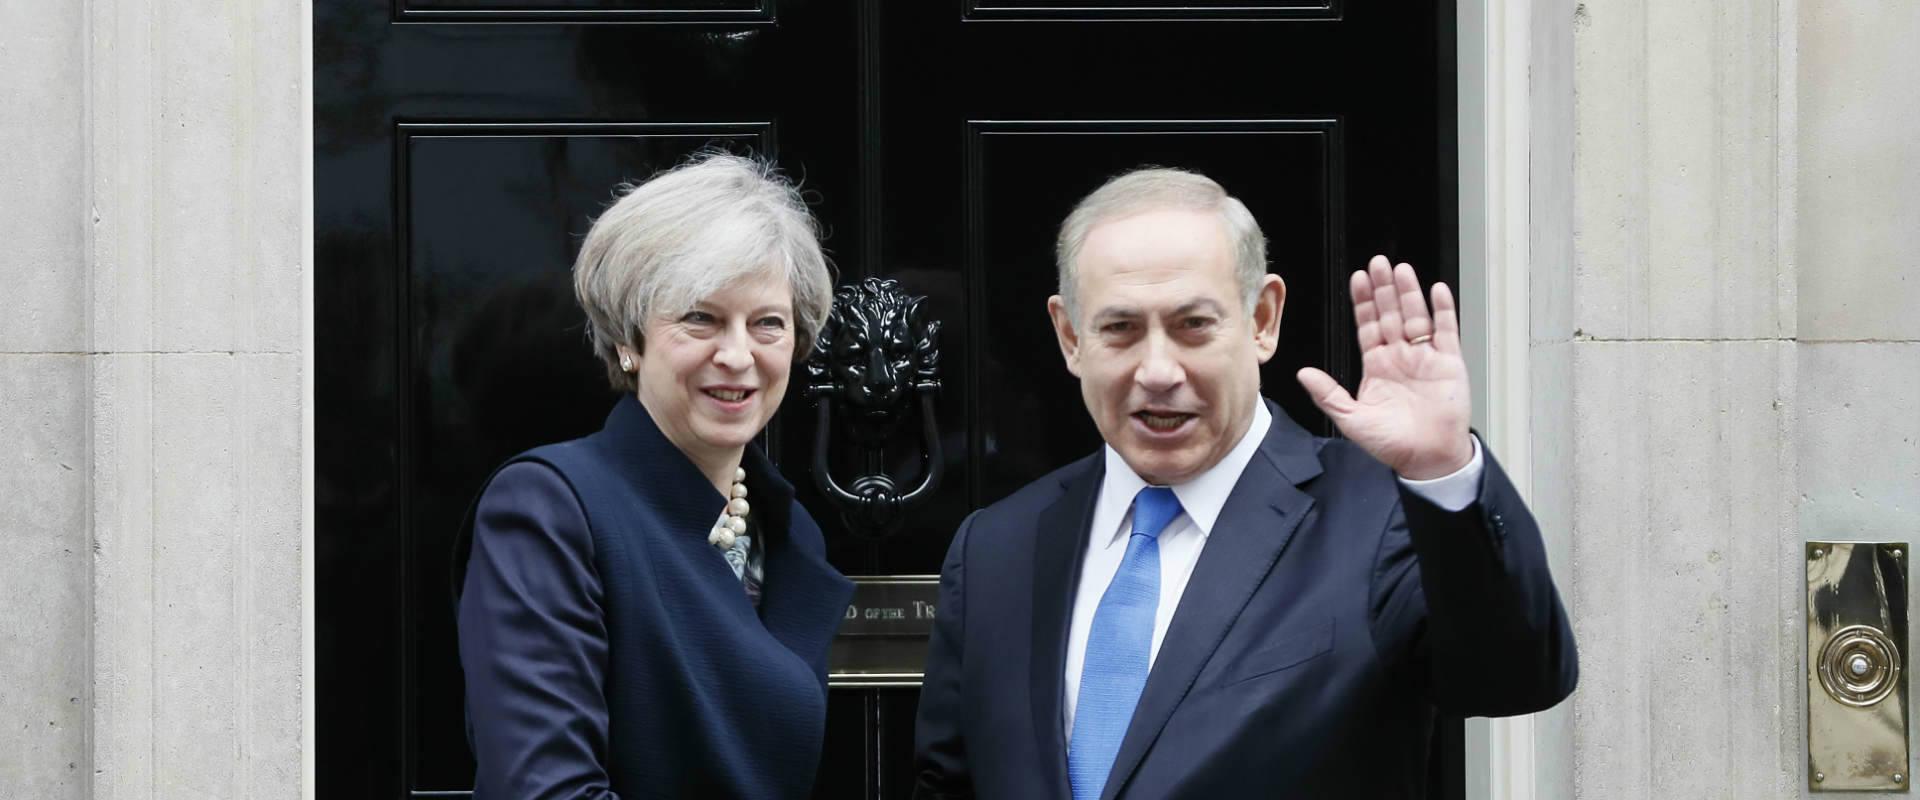 ראש הממשלה נתניהו עם ראש ממשלת בריטניה מיי